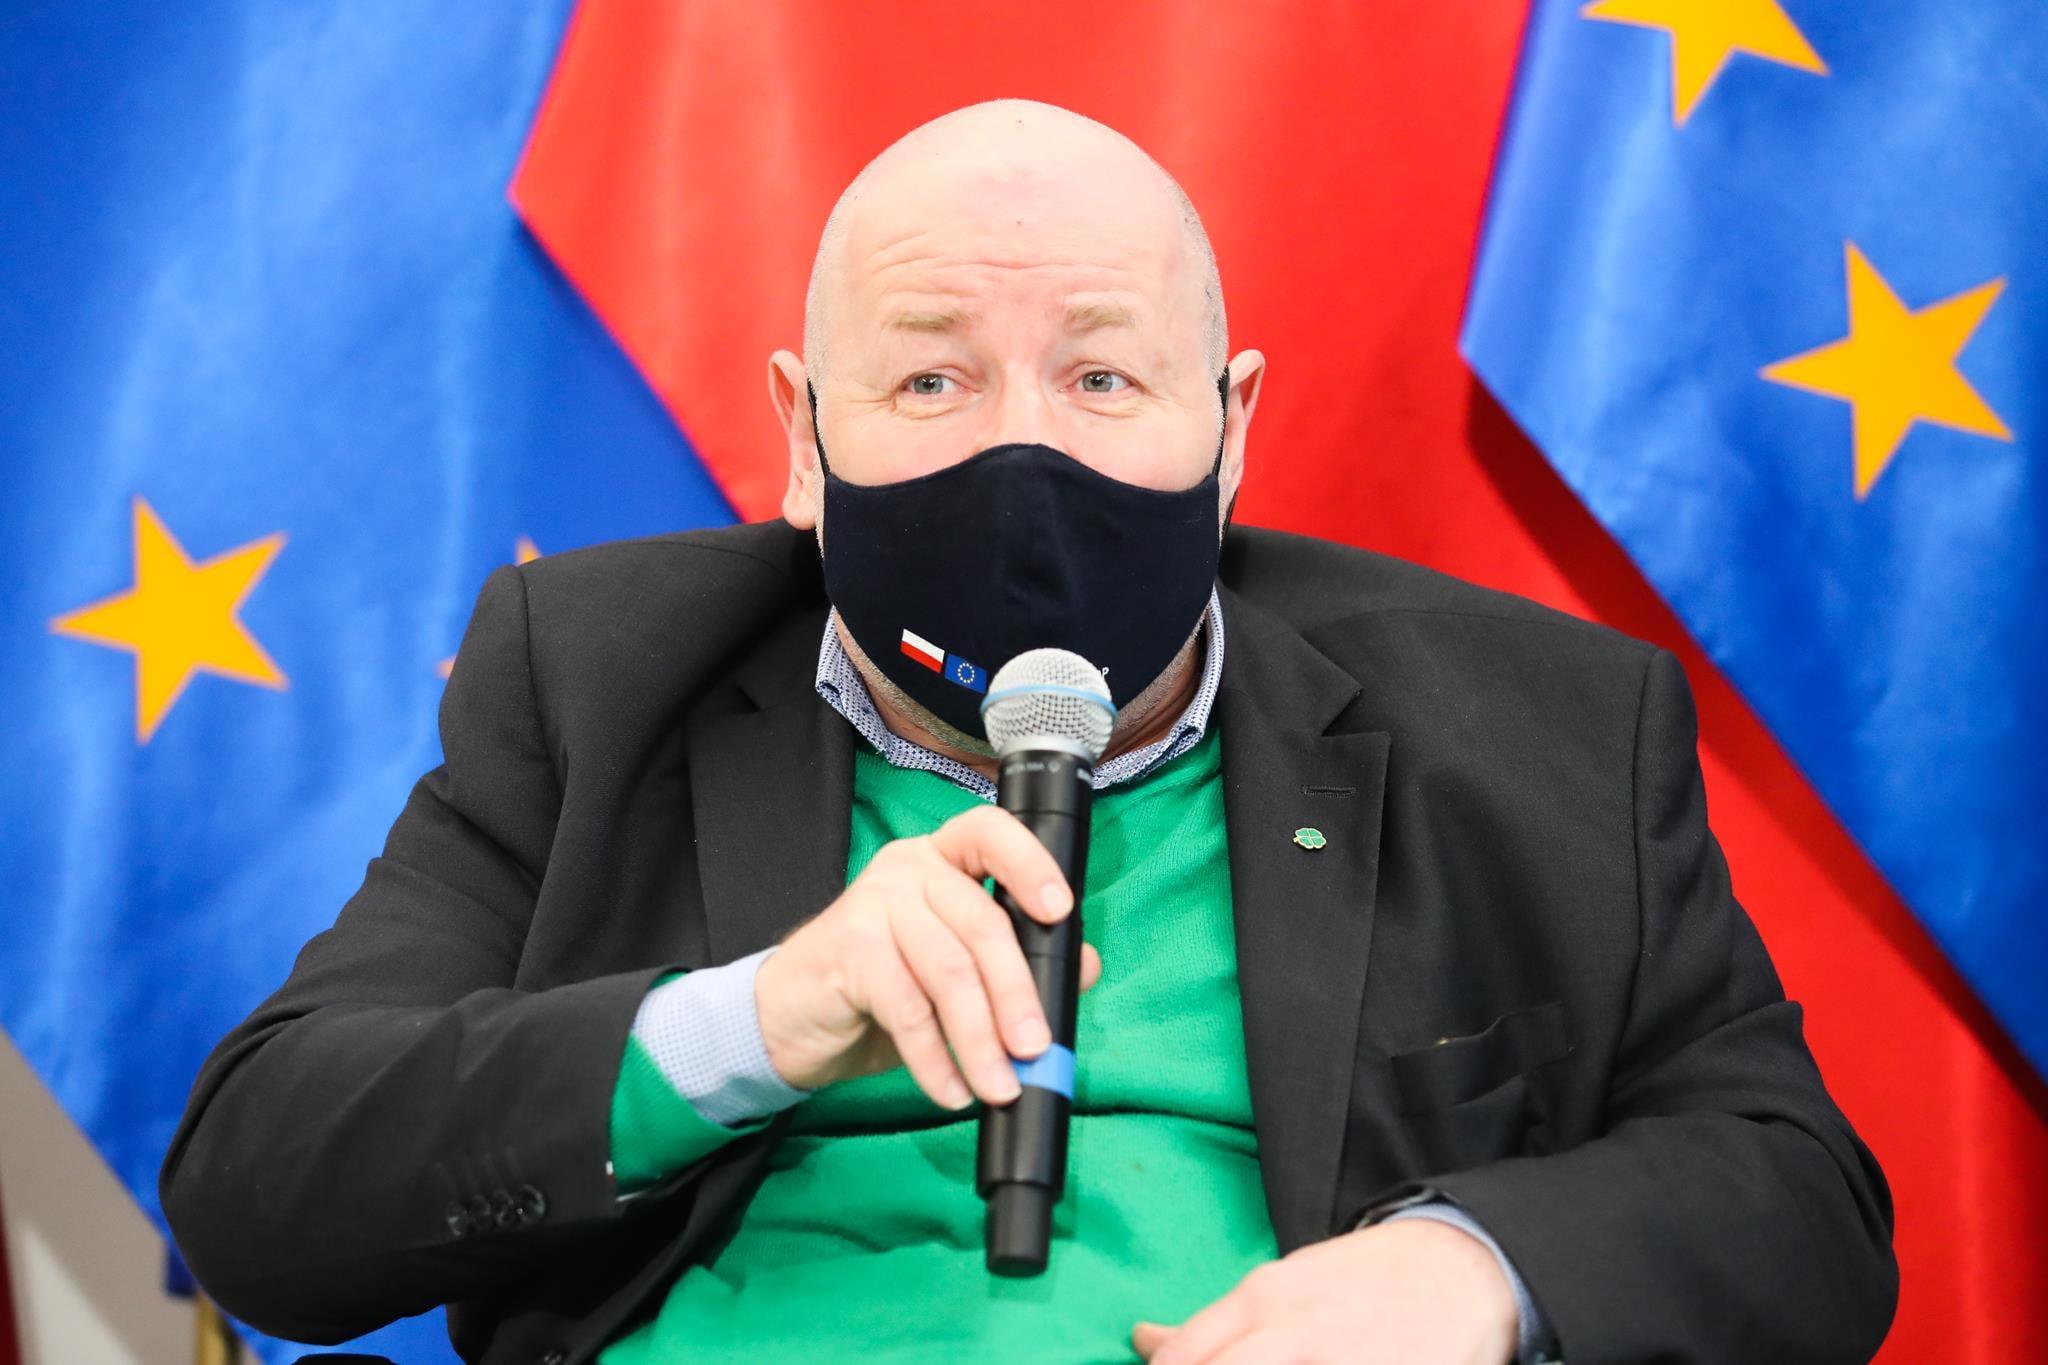 Powołanie Agencji Spójności i Rozwoju_zdj6